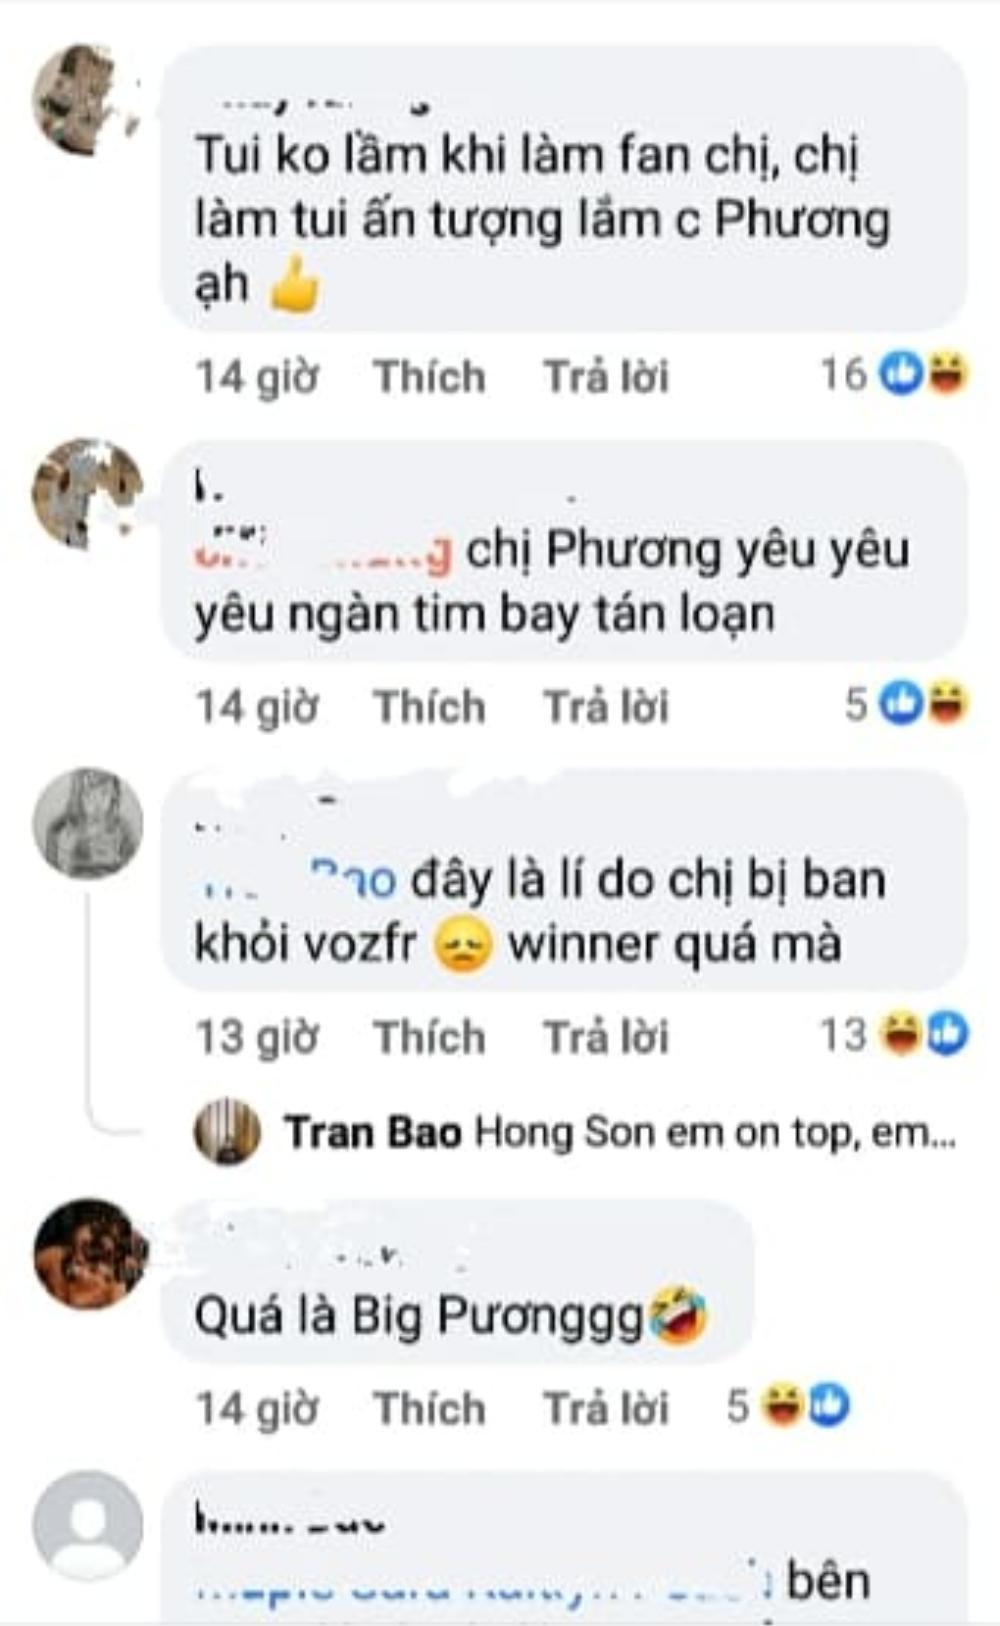 Bích Phương khiến fan tự hào khi xuất hiện trên biển quảng cáo tại Quảng trường Thời đại danh giá Ảnh 3